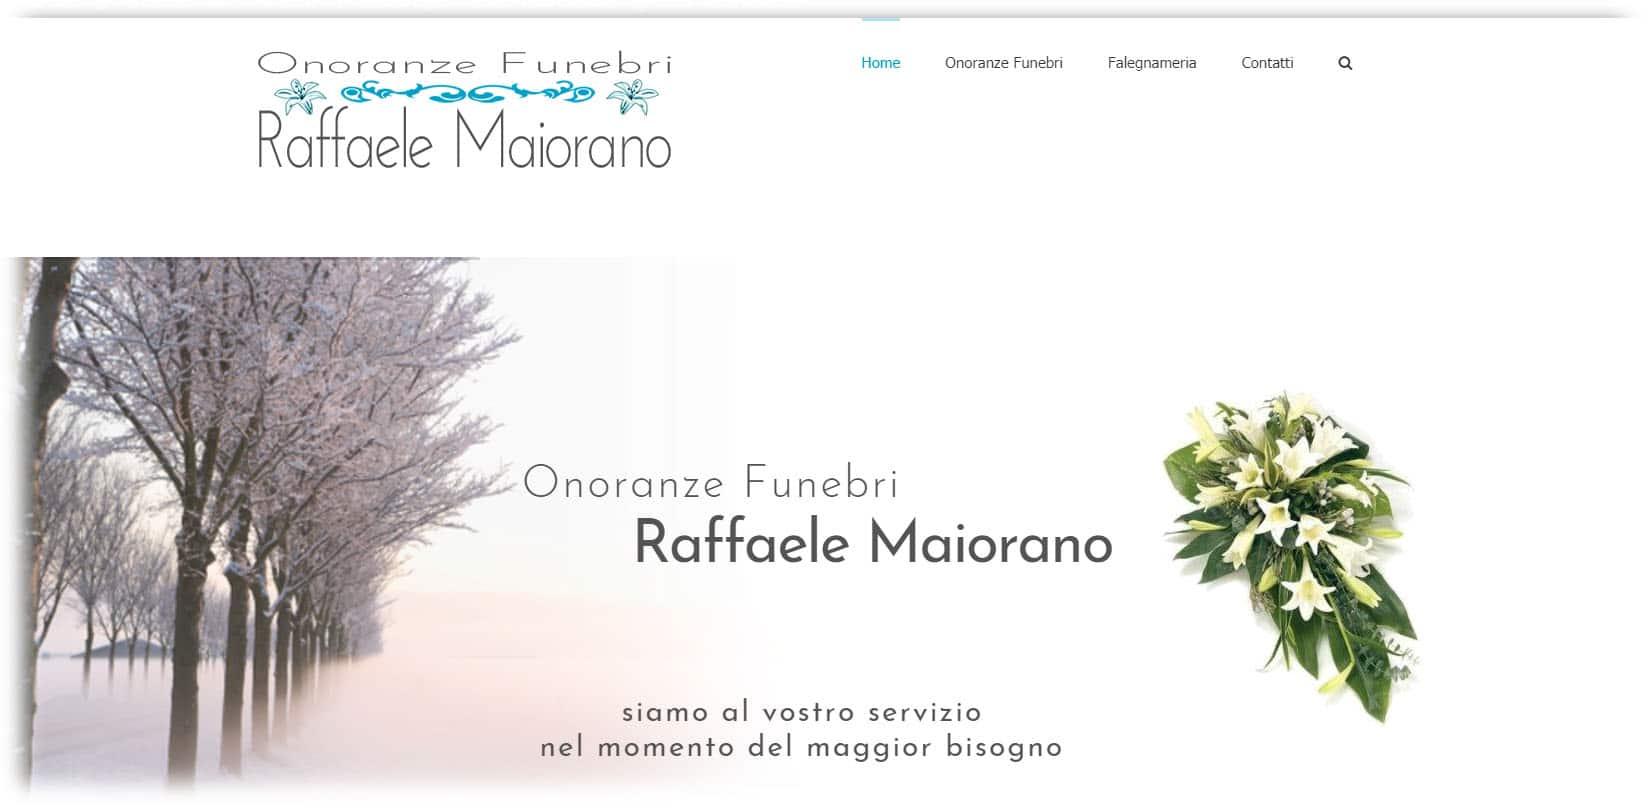 Onoranze Funebri di Raffaele Maiorano